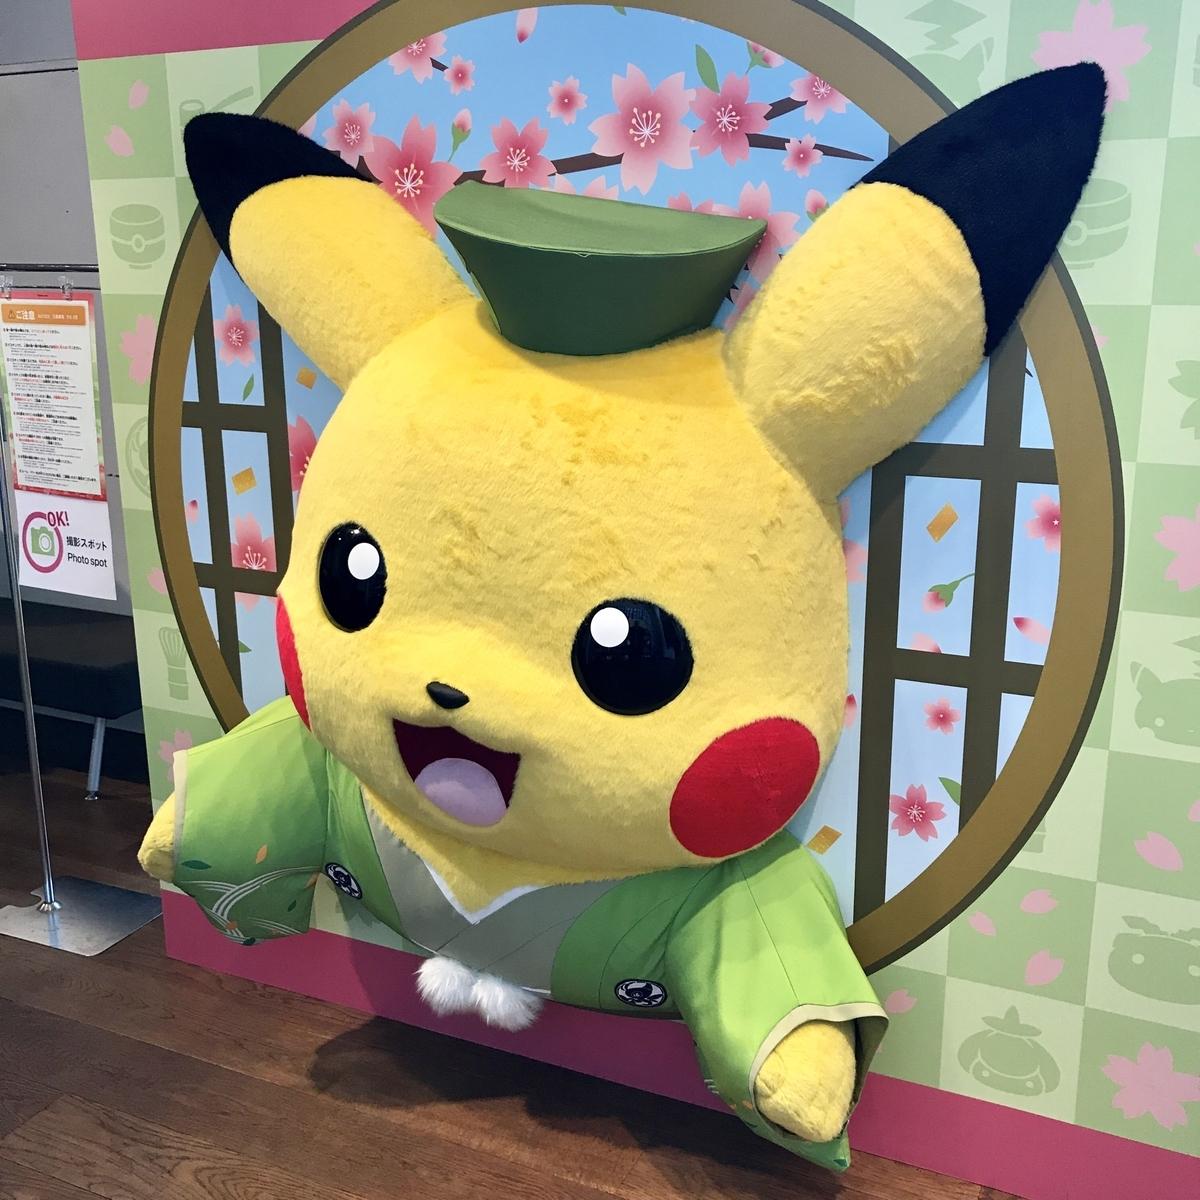 f:id:pikachu_pcn:20190319211005j:plain